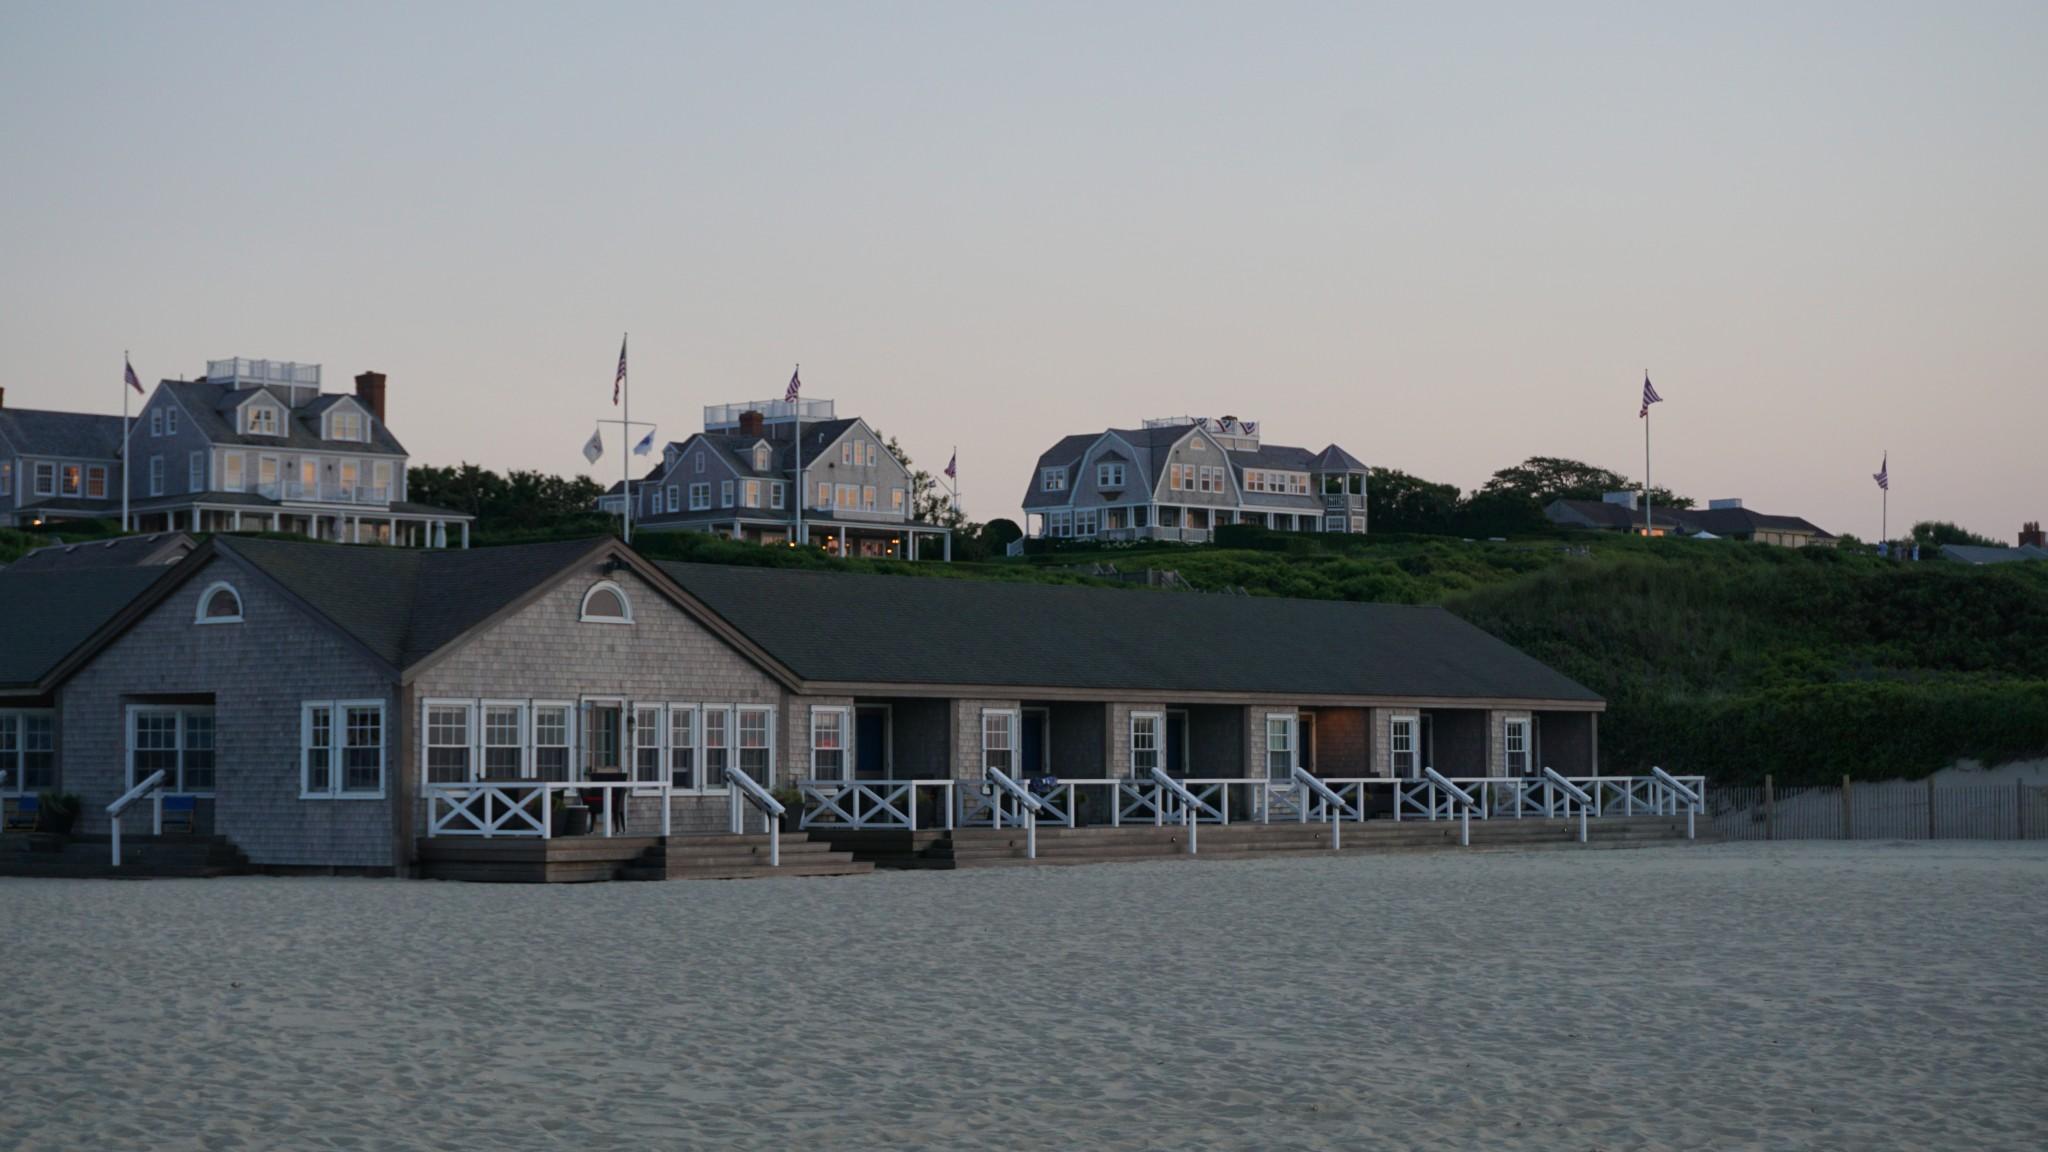 cliffside beach, galley beach, nantucket, the-alyst.com